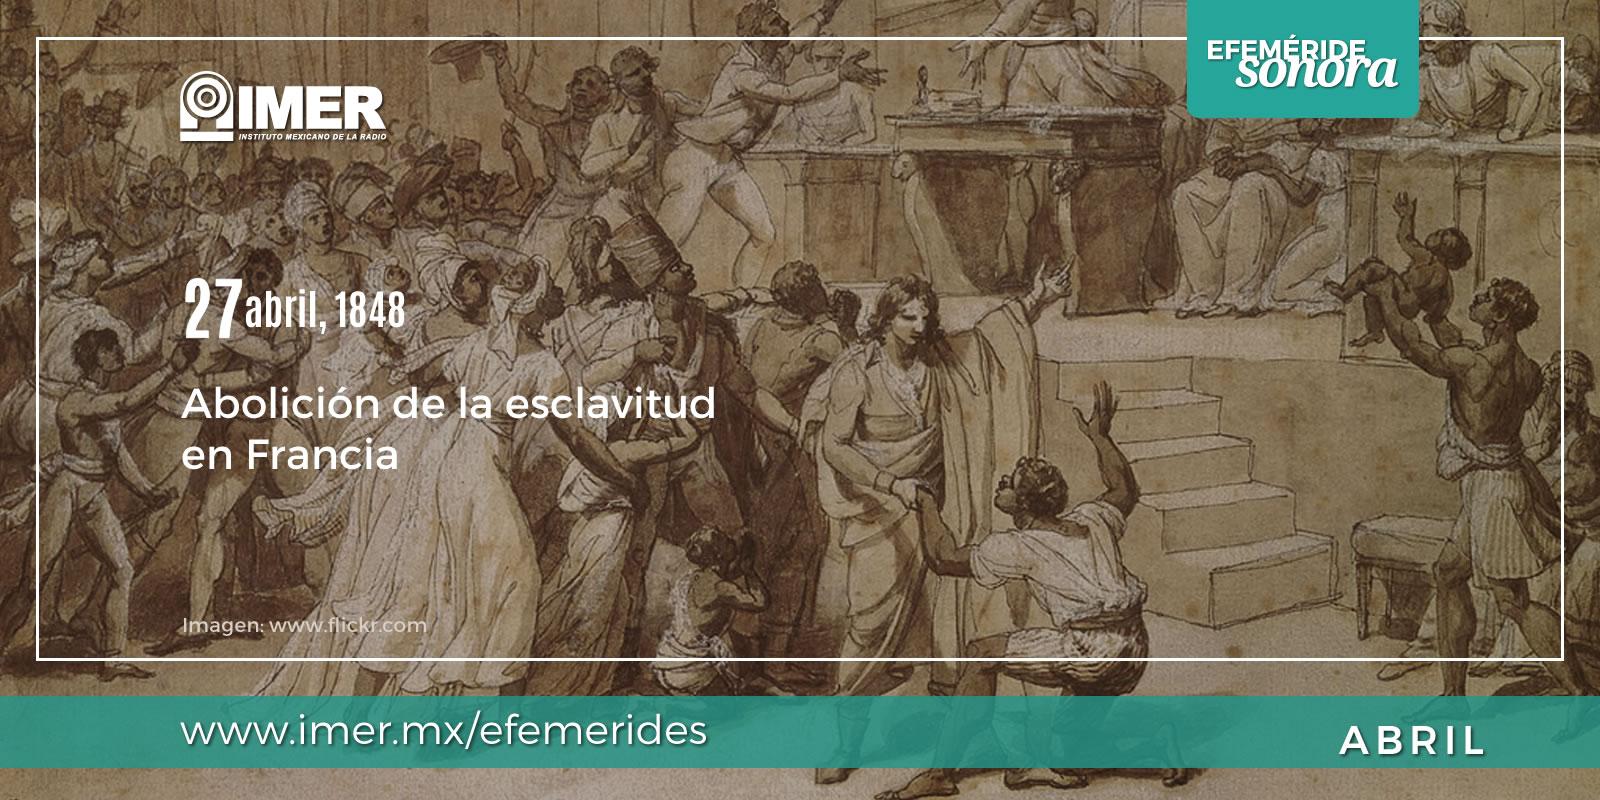 27 De Abril De 1848 Abolicion De La Esclavitud En Francia Imer